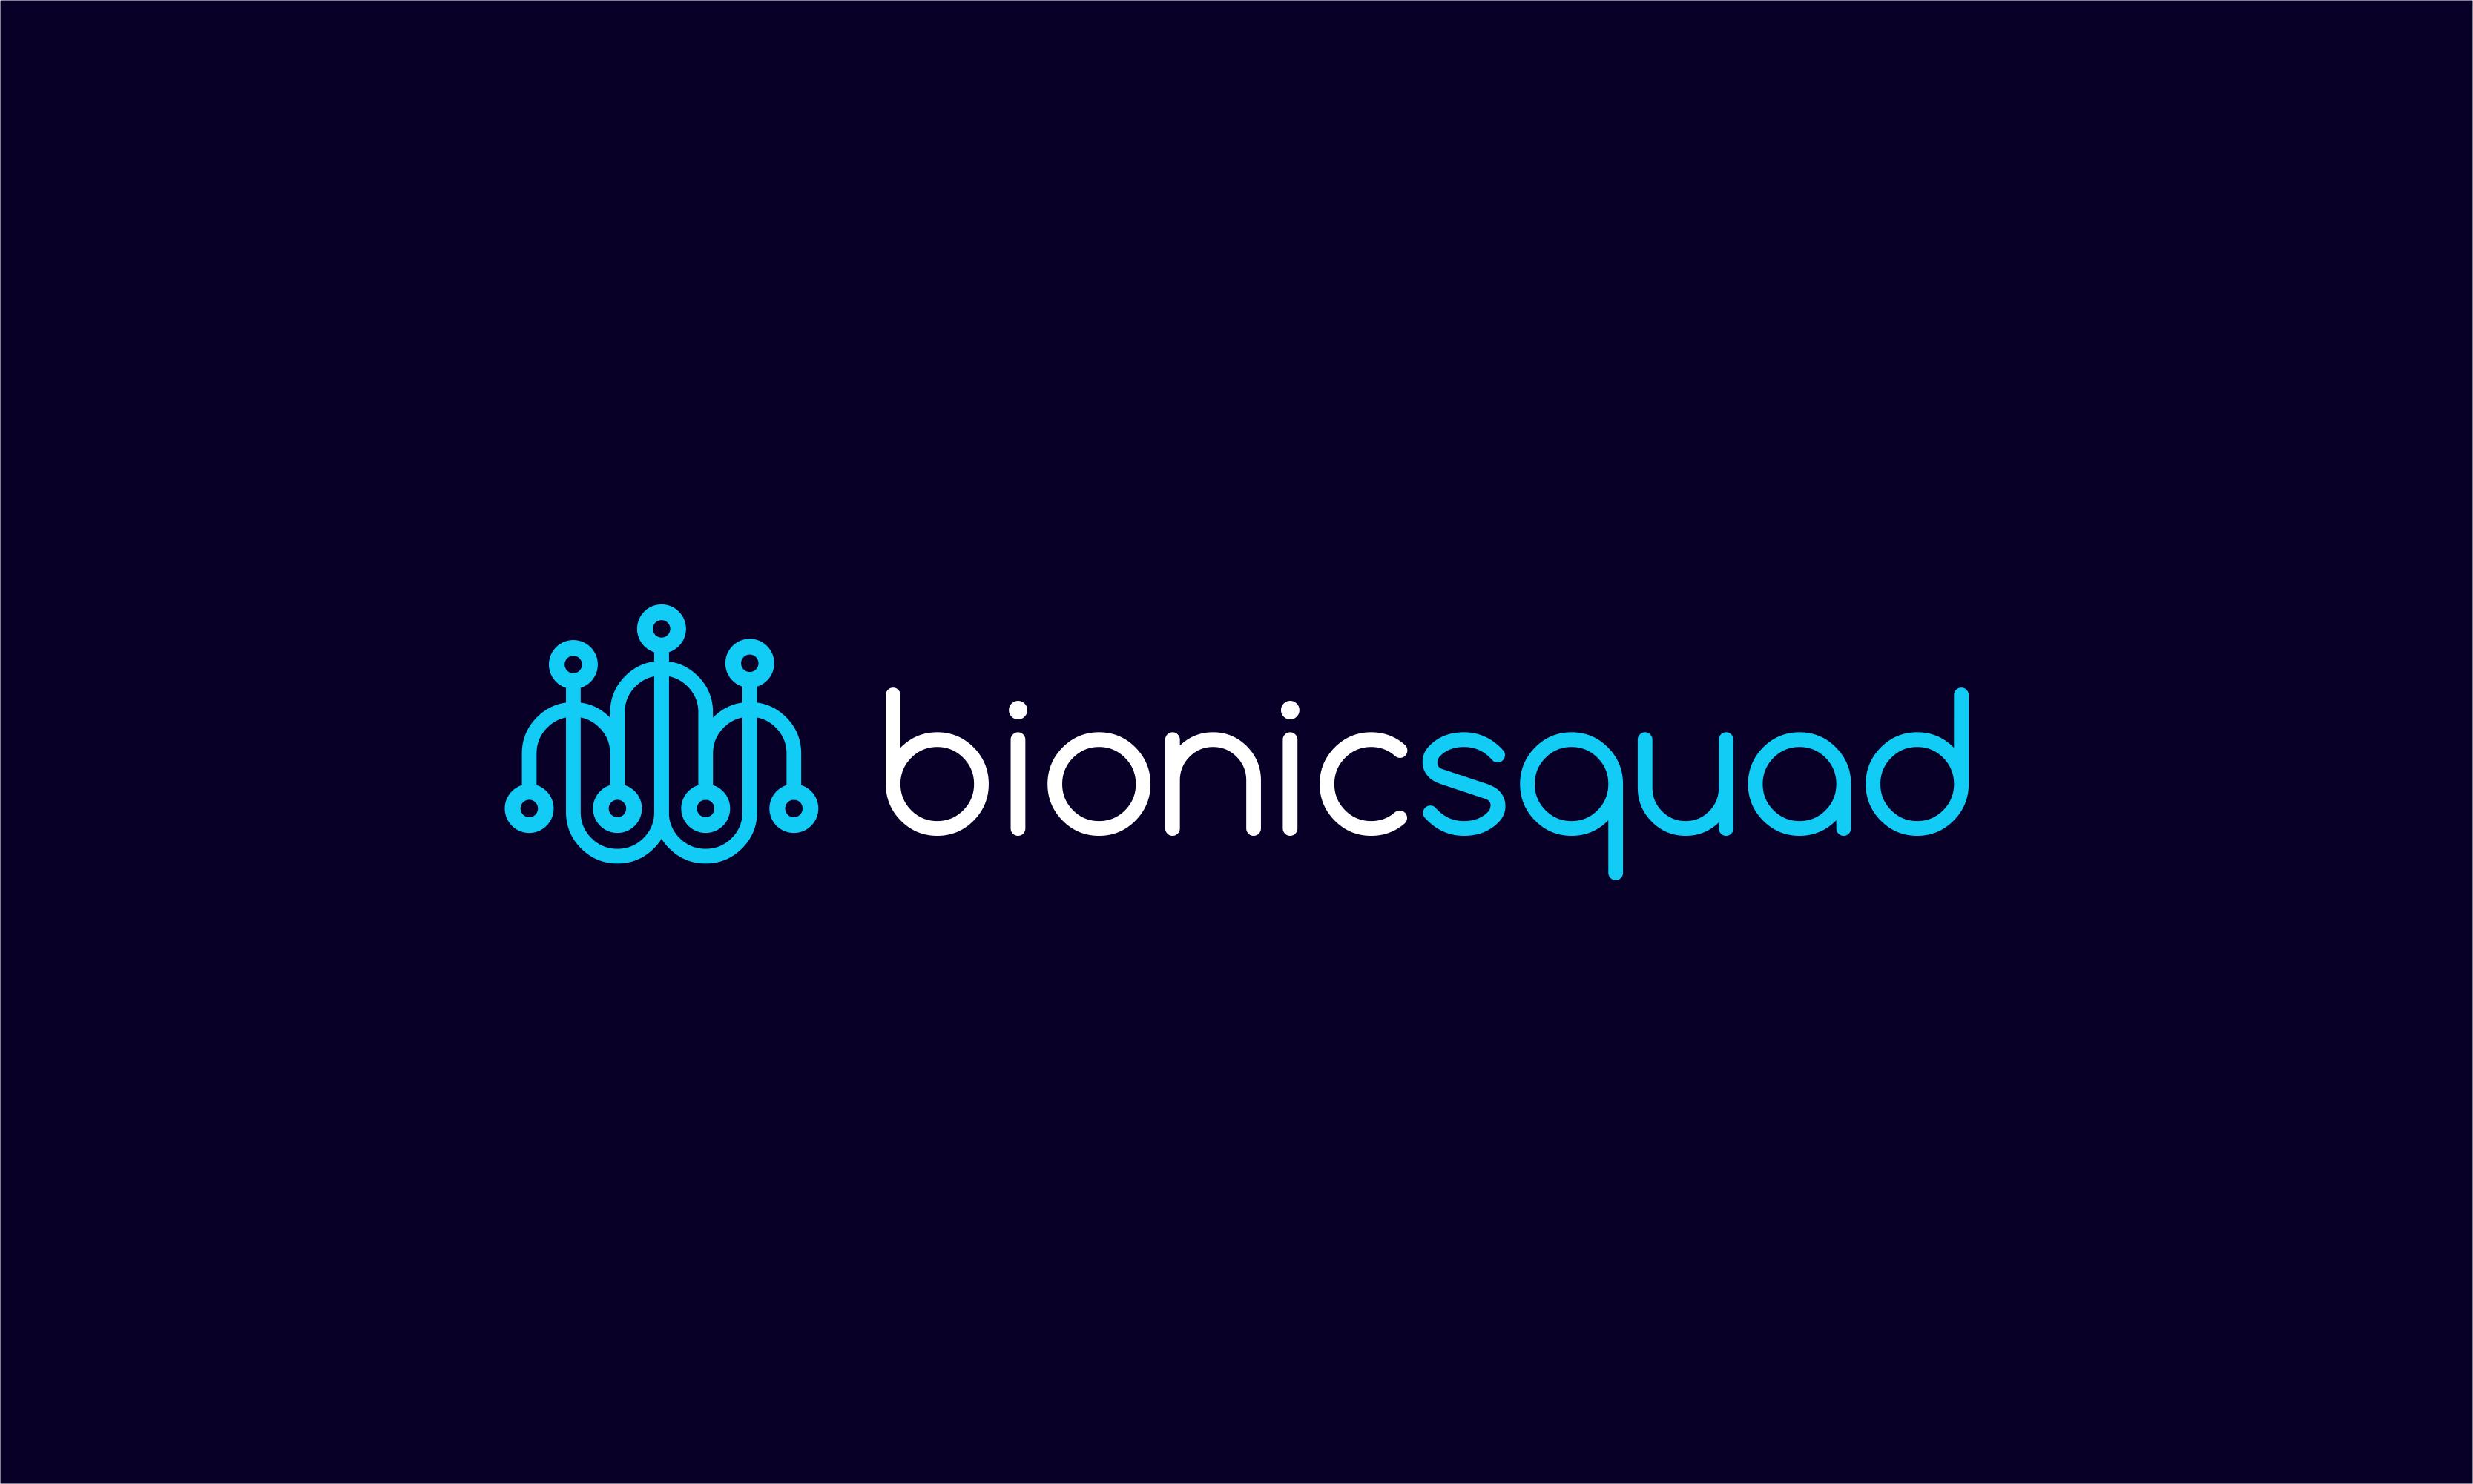 Bionicsquad